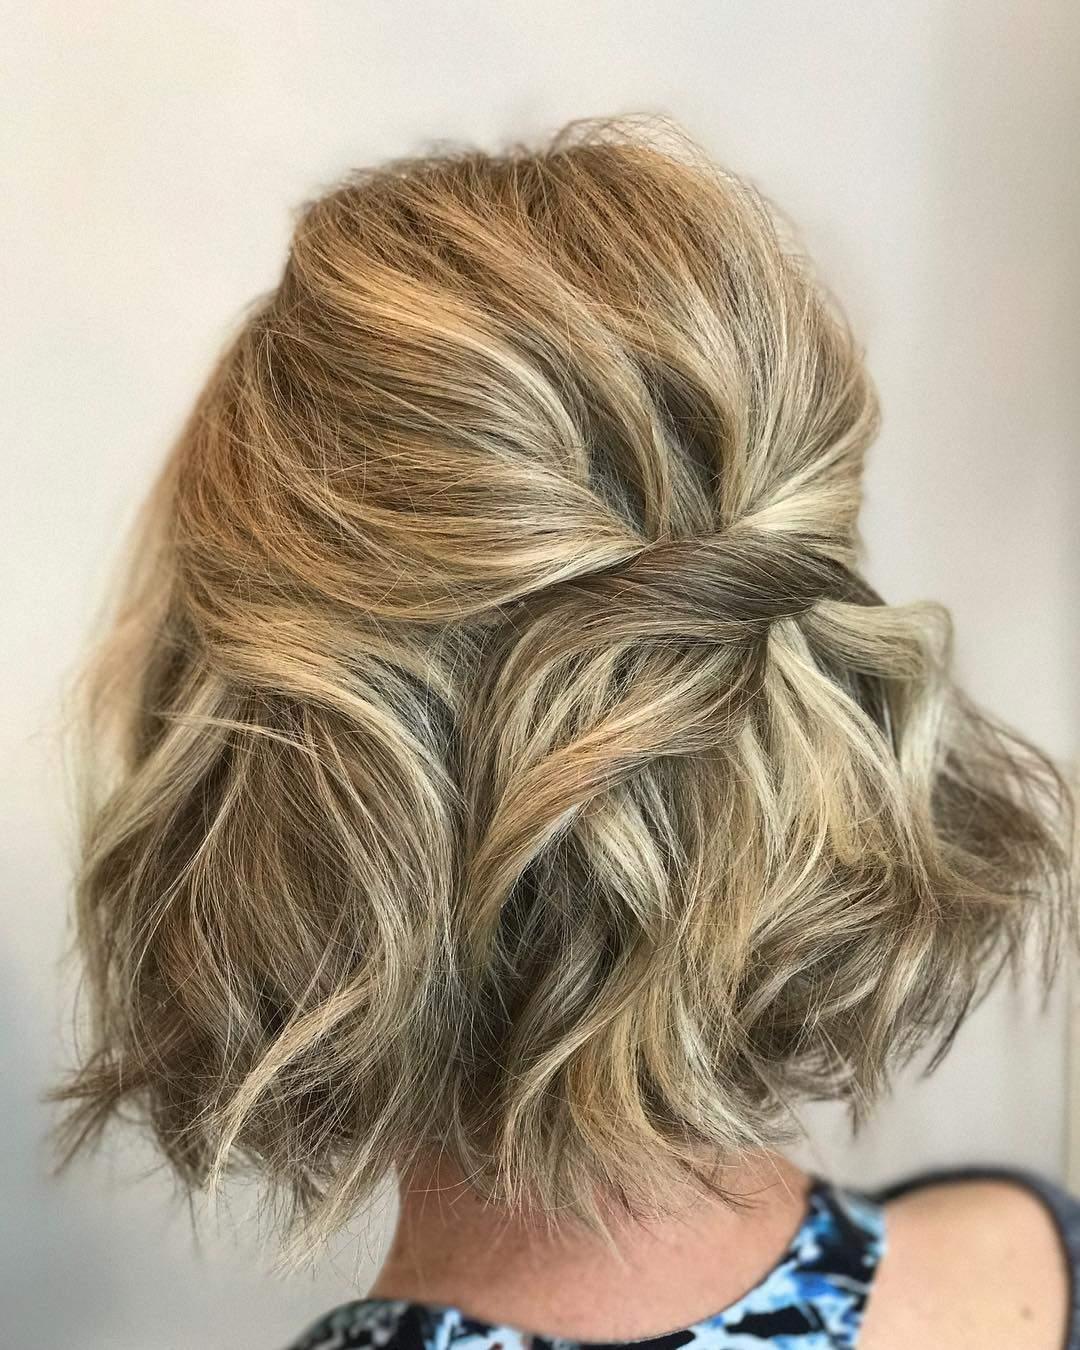 10 Coiffures Simples Et Faciles Pour Cheveux Courts